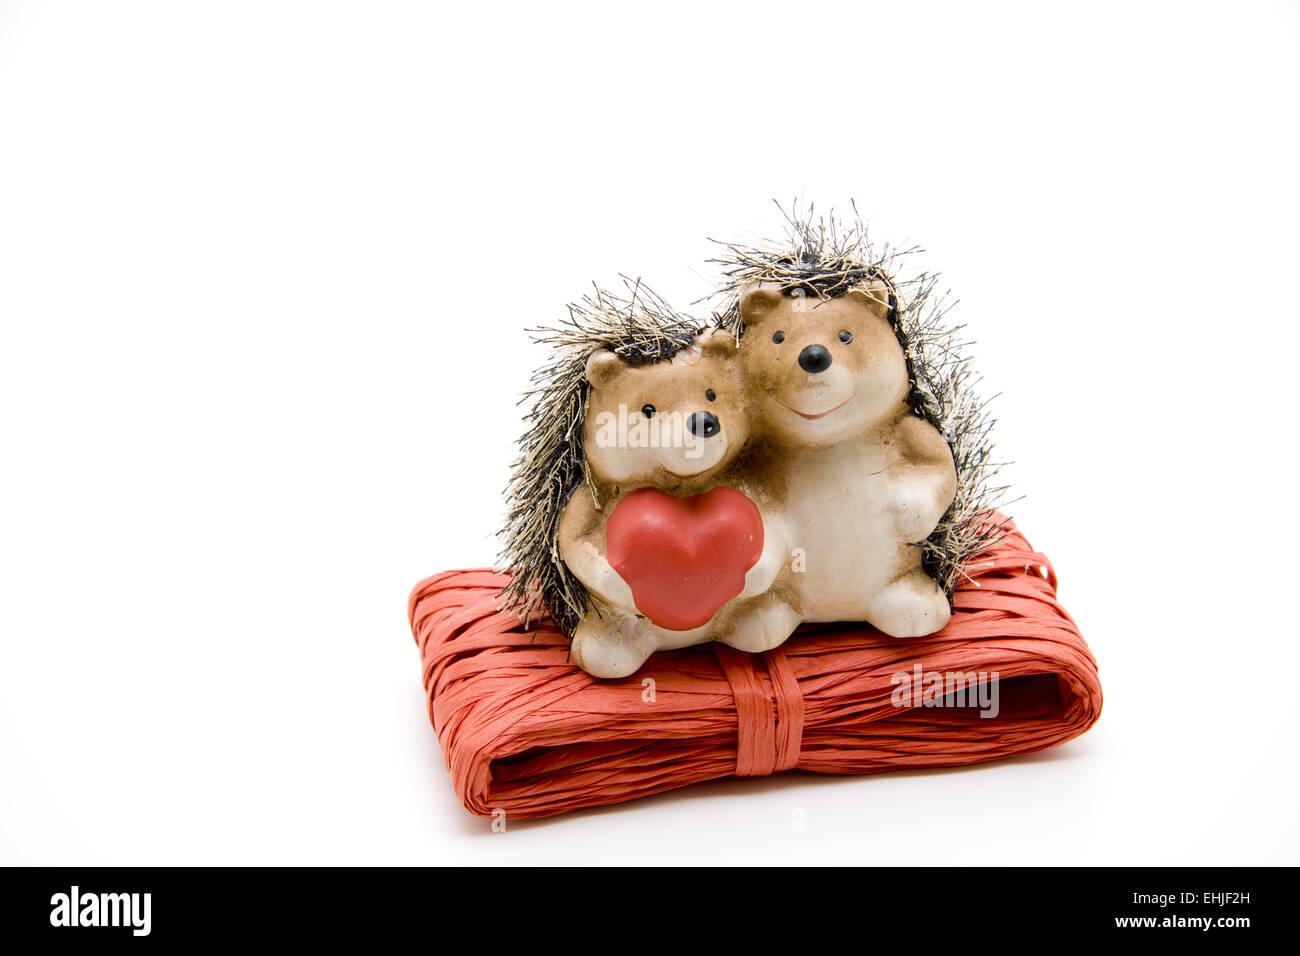 Hedgehog pair on gift loop - Stock Image